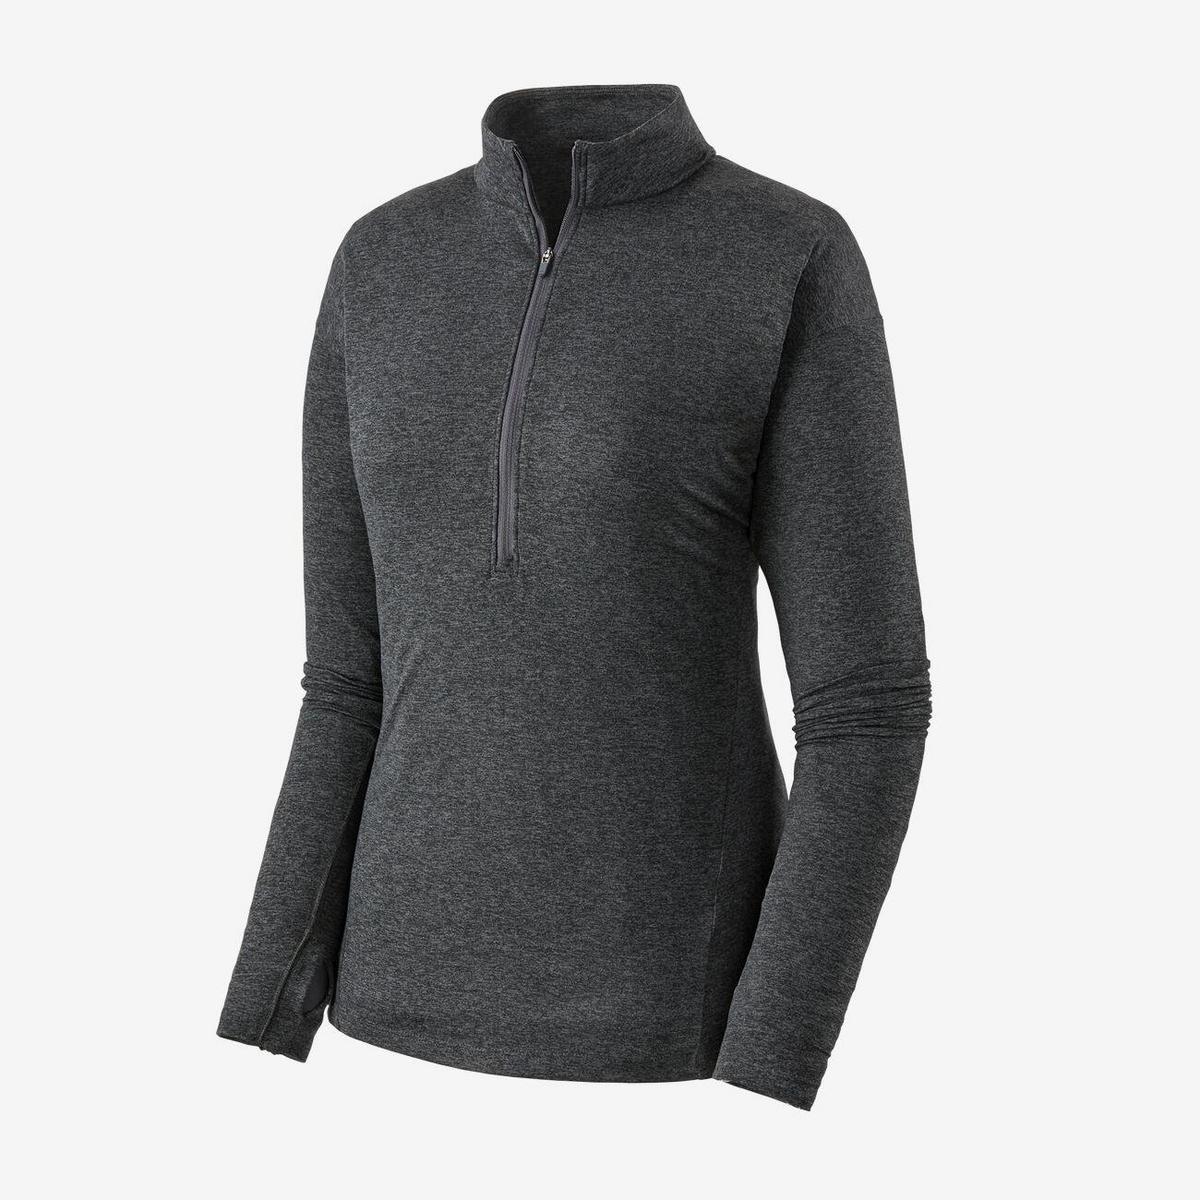 Patagonia Women's Patagonia Seabrook LS Zip Neck T-shirt - Grey